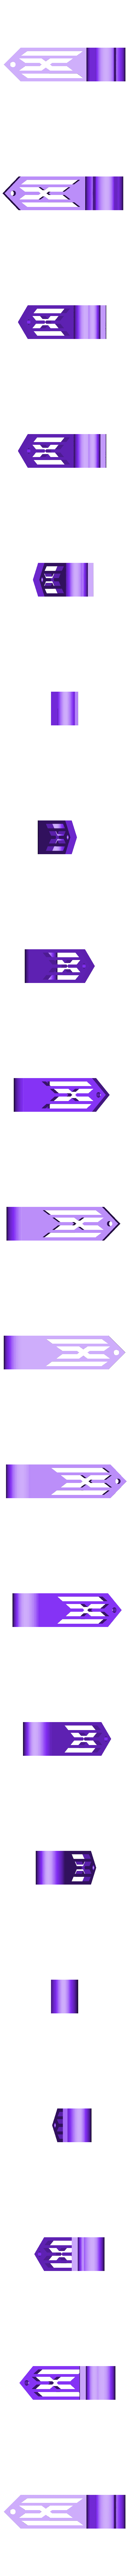 MonstaX.stl Télécharger fichier STL gratuit KPop - porte-clés pour téléphone (8 groupes) • Modèle imprimable en 3D, CheesmondN